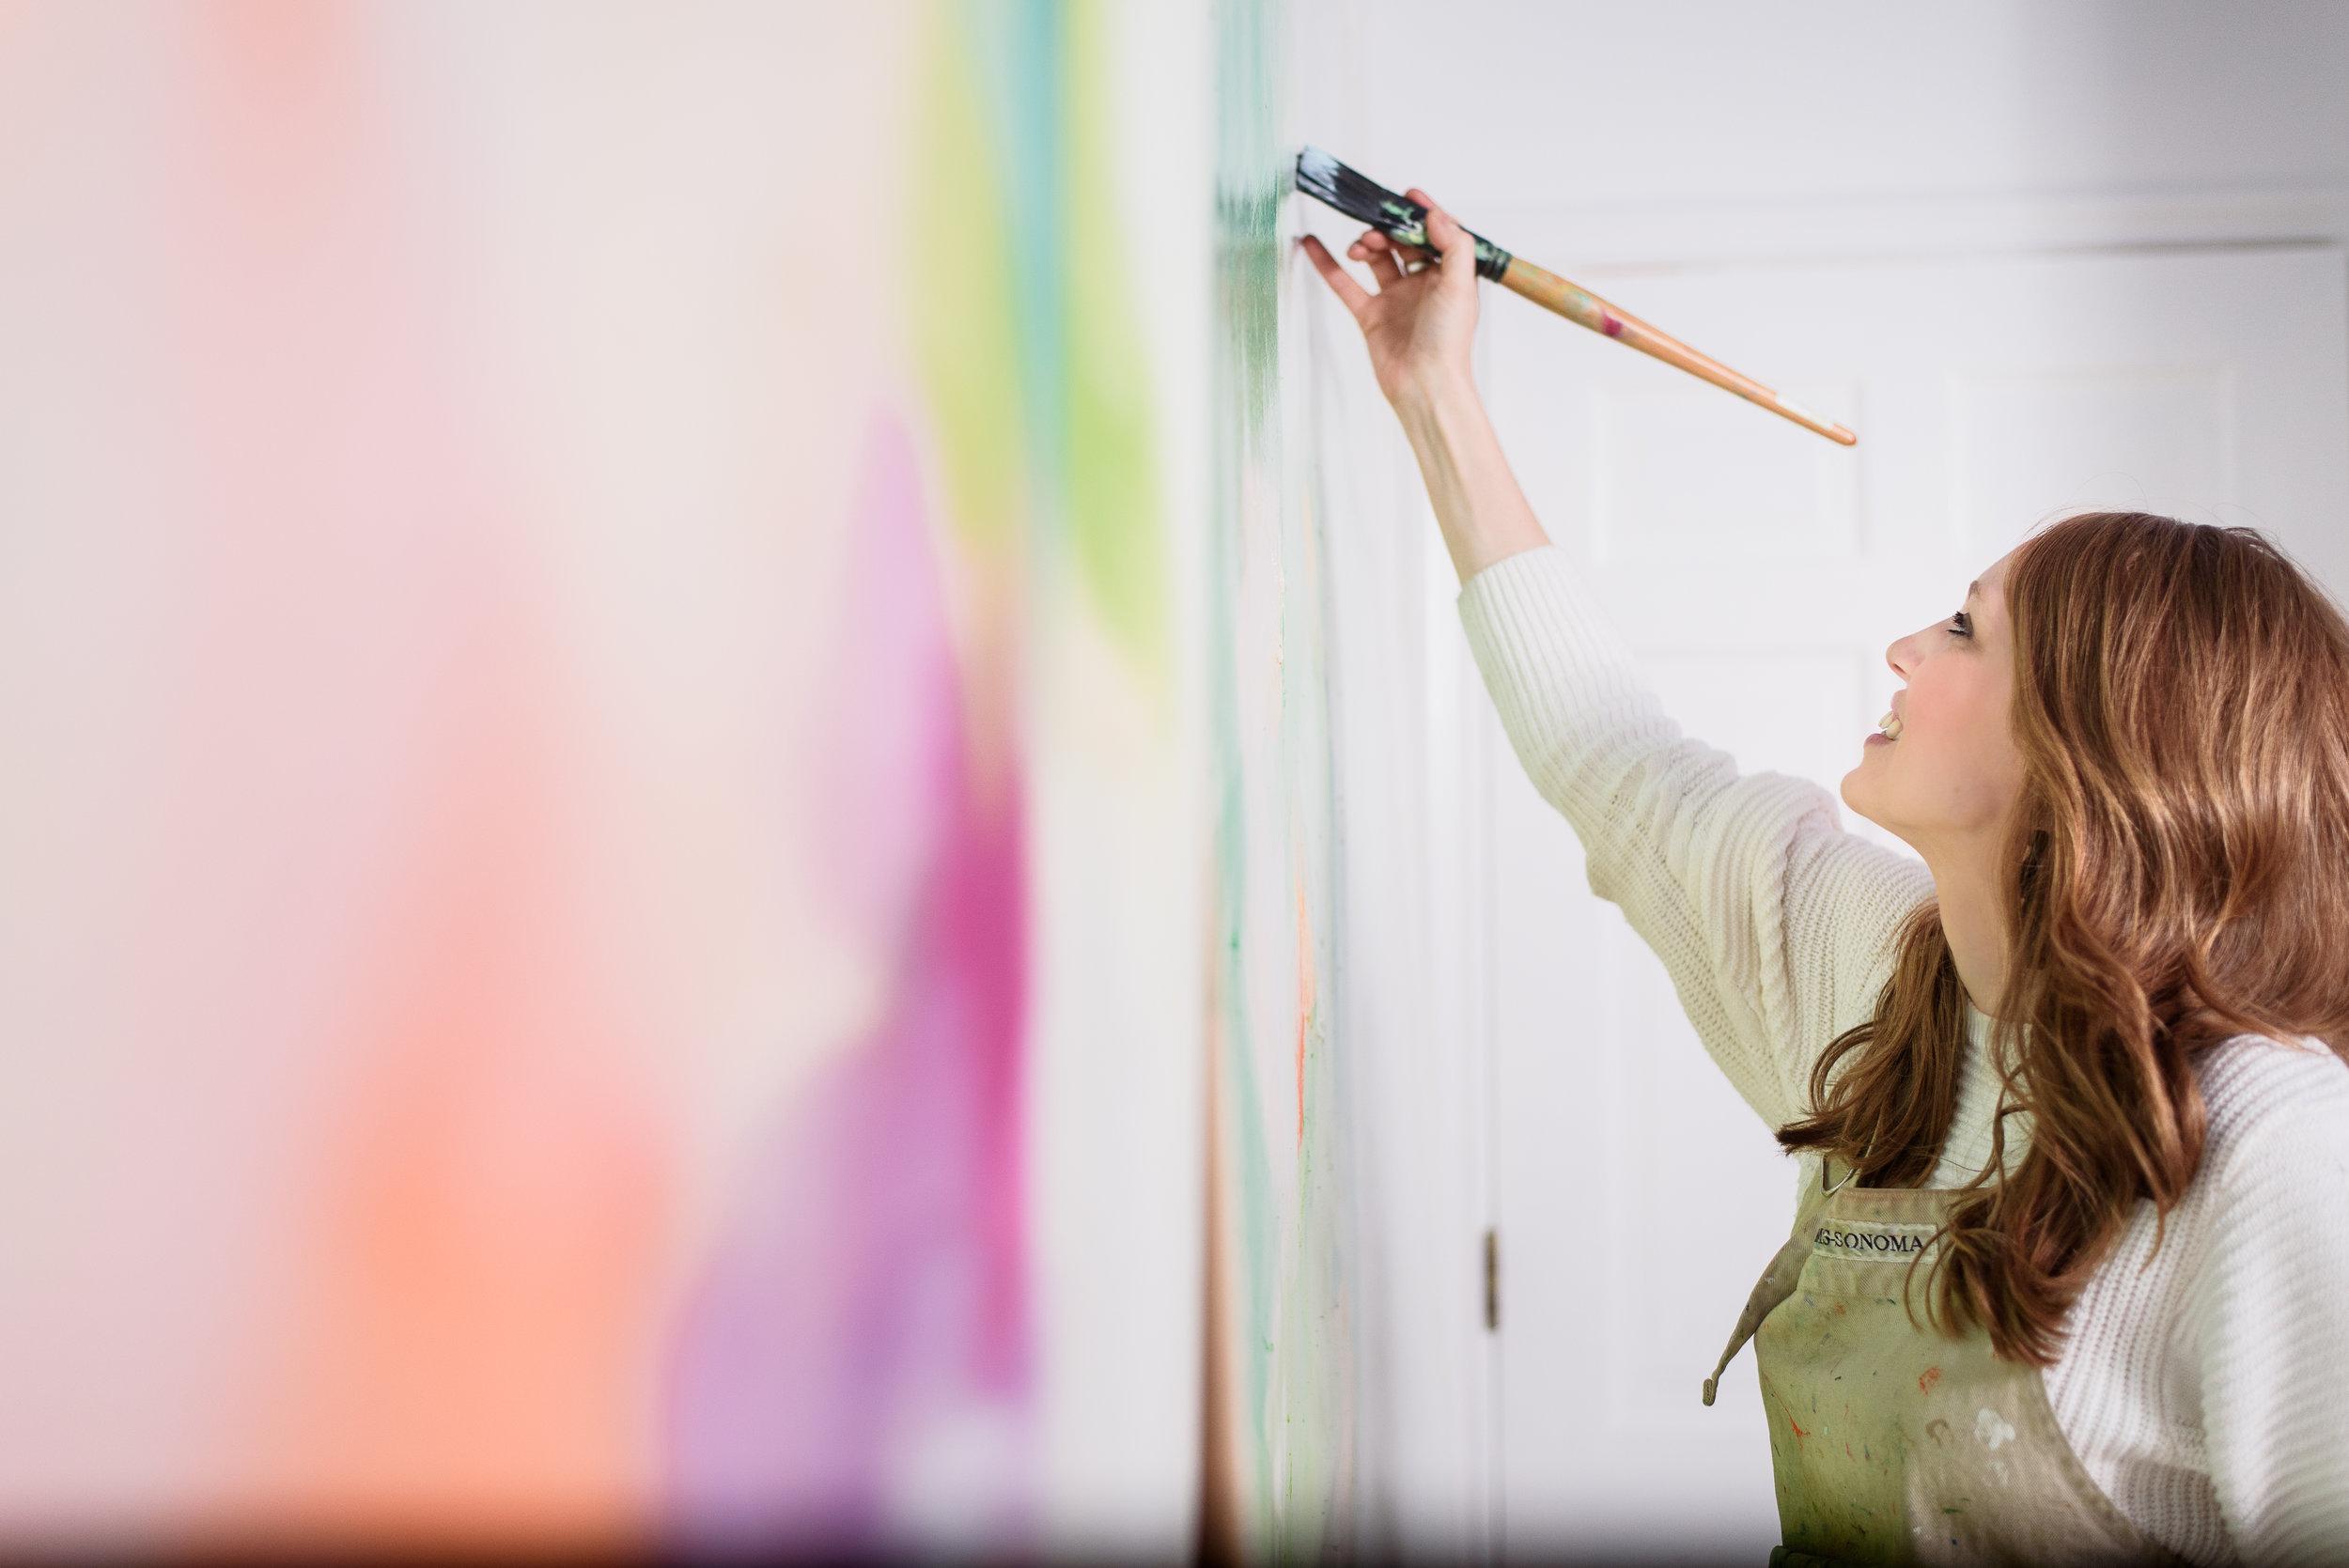 artists-dilemma-hillary-butler-fine-art